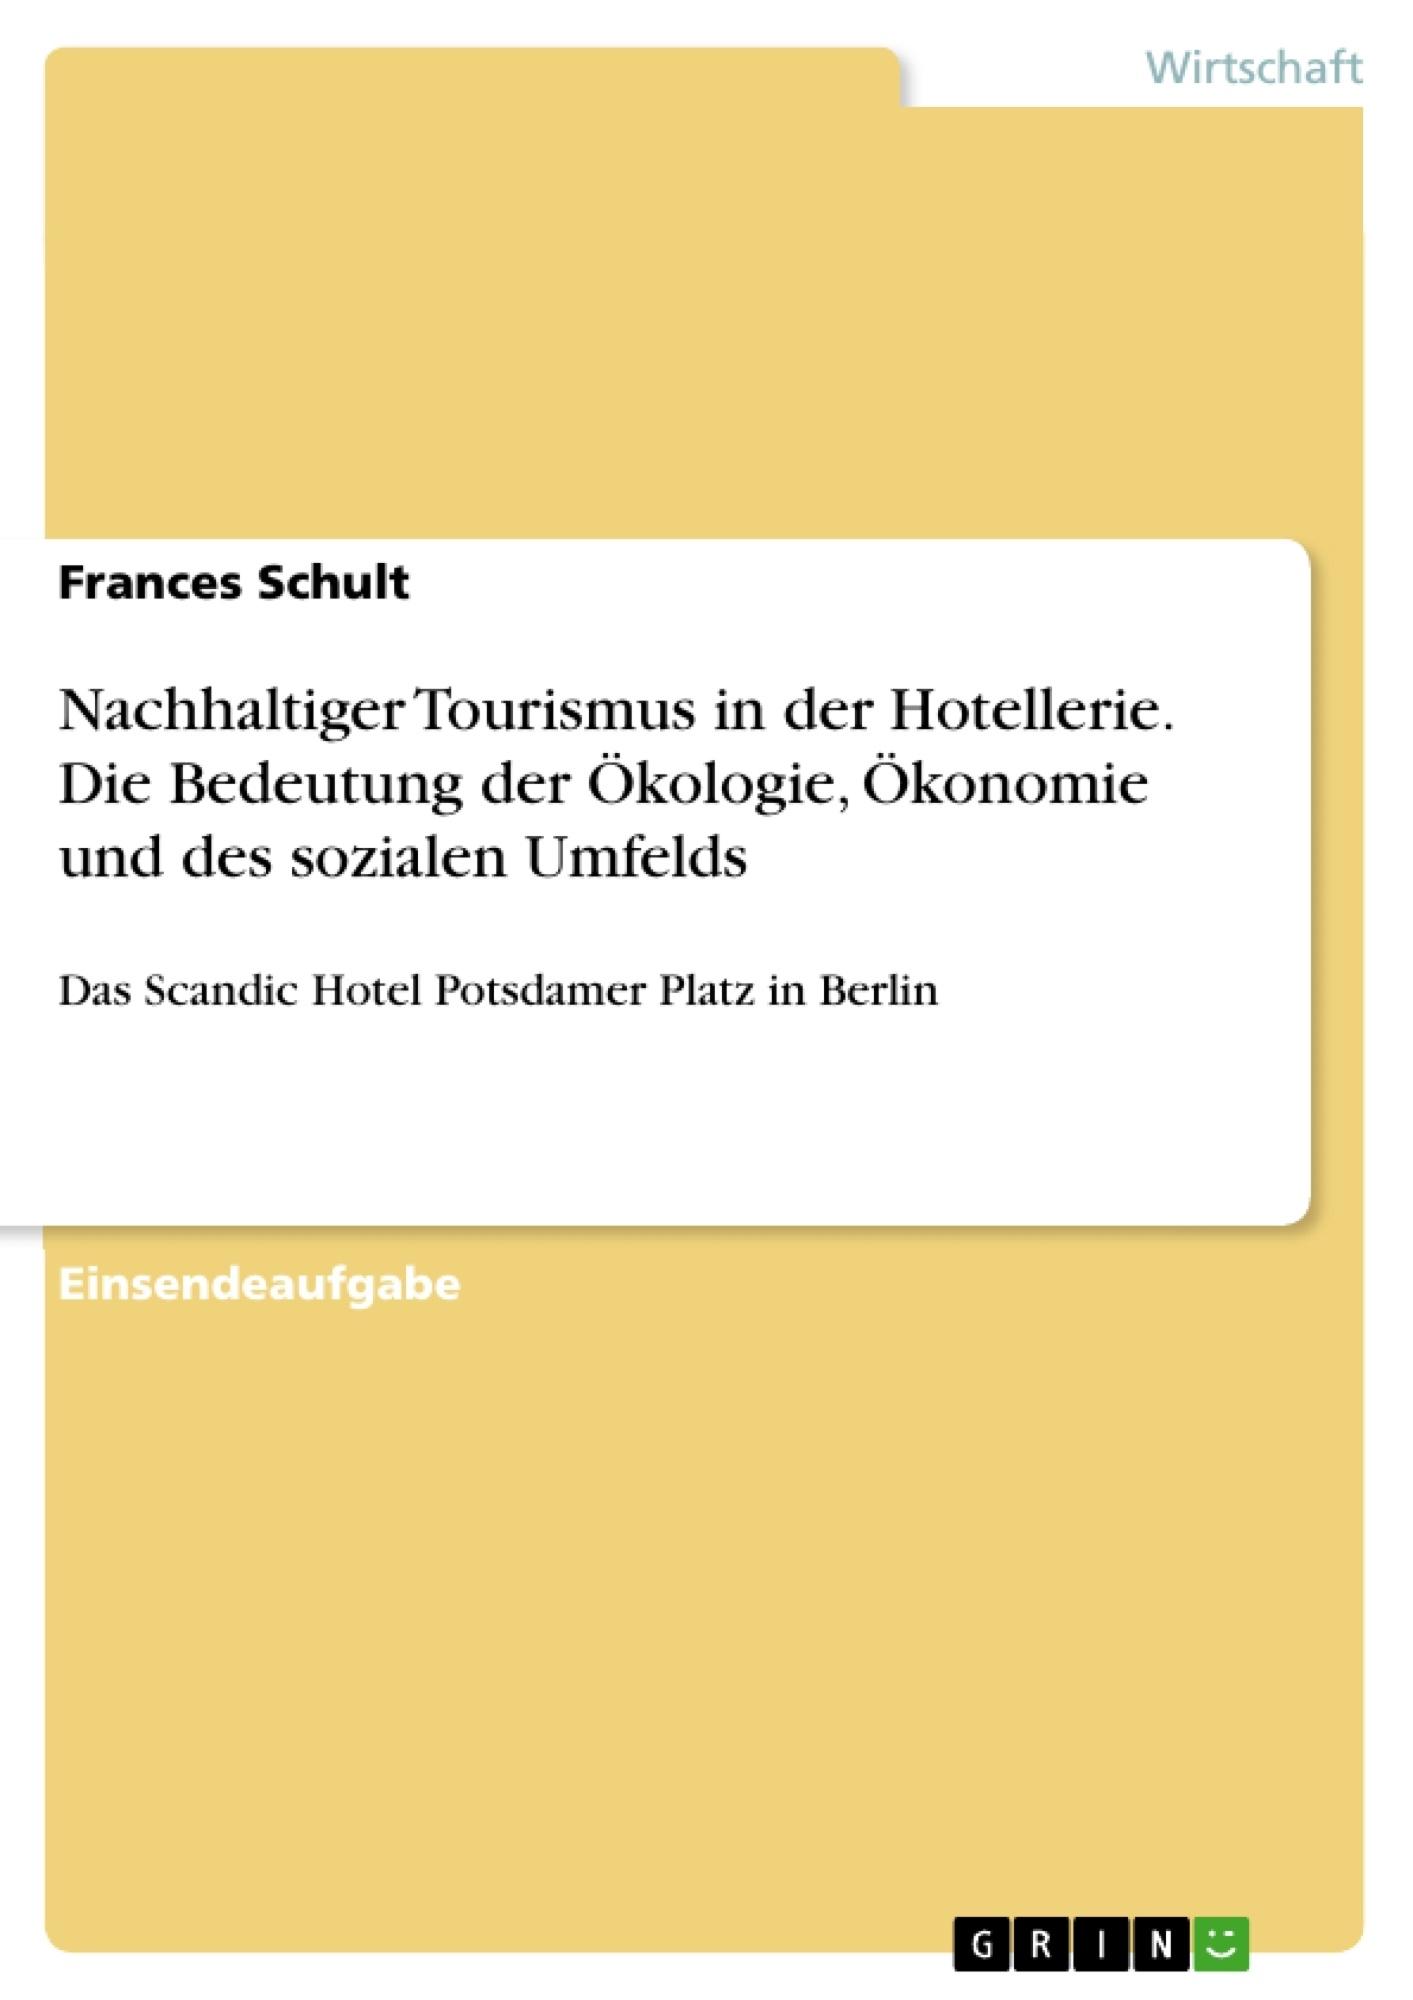 Titel: Nachhaltiger Tourismus in der Hotellerie. Die Bedeutung der Ökologie, Ökonomie und des sozialen Umfelds